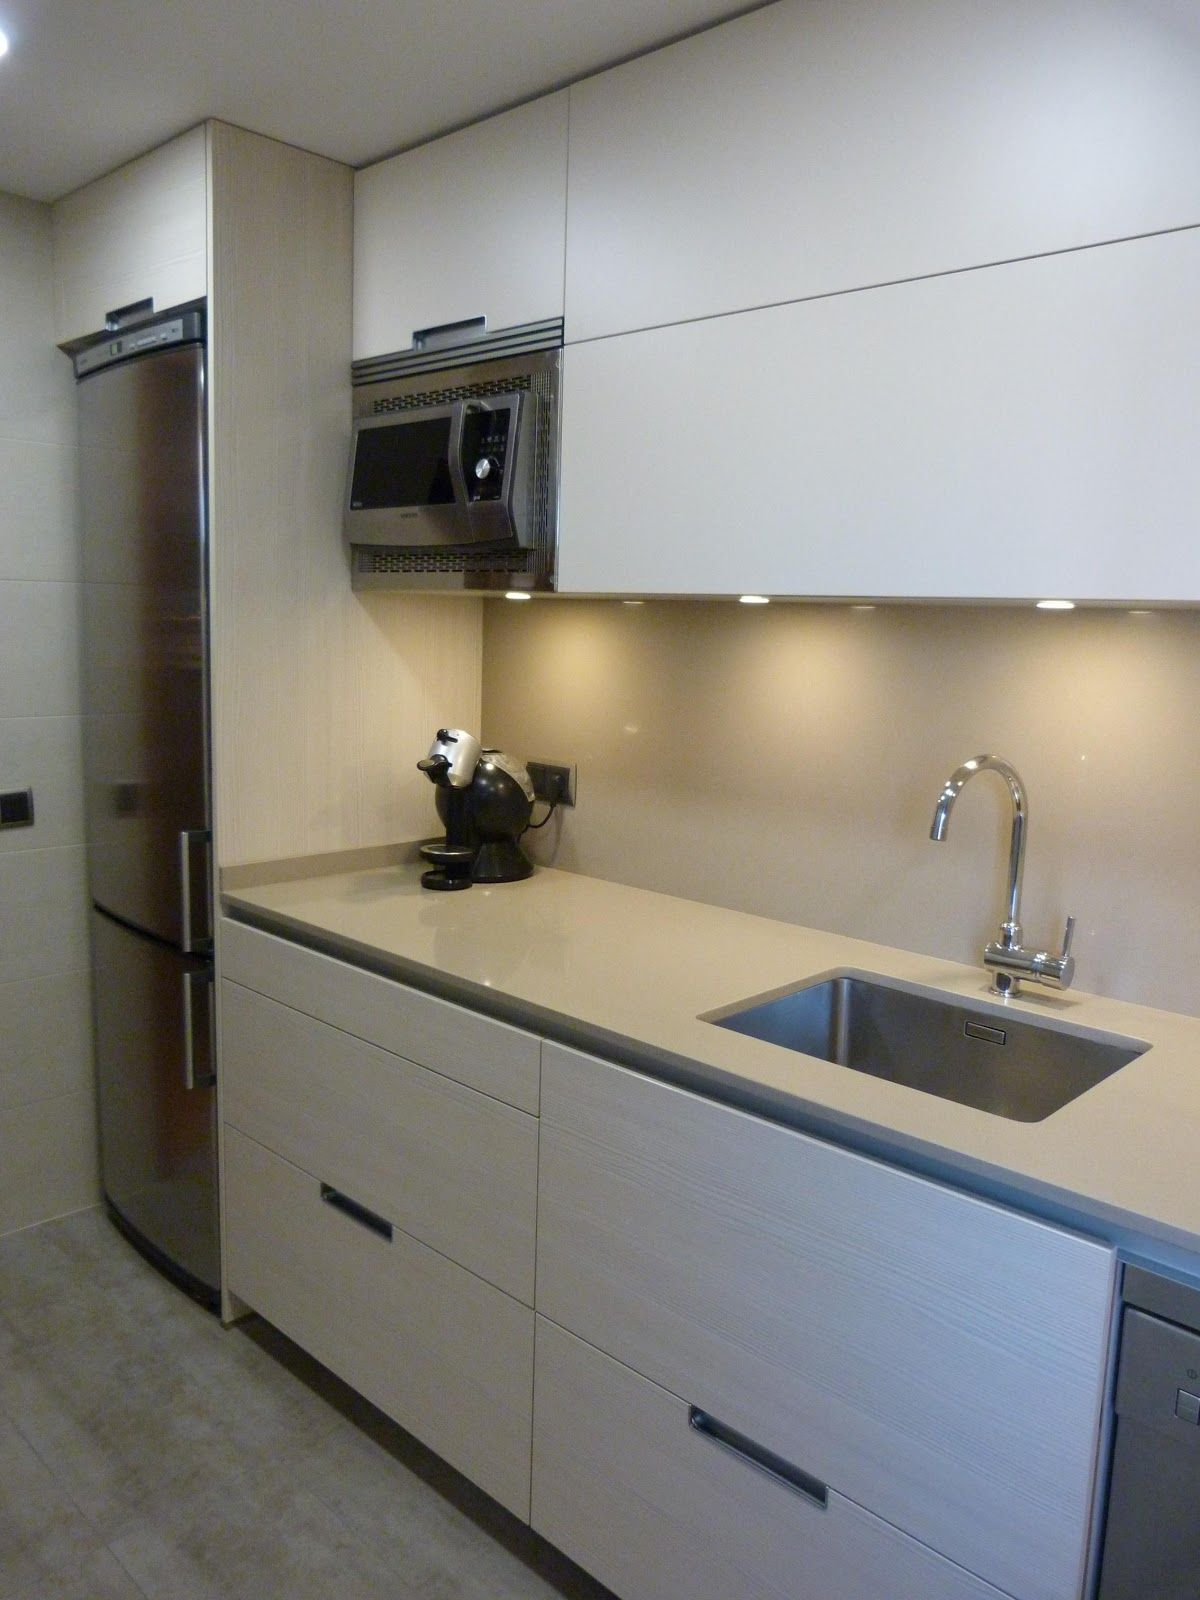 Reforma de cocina pequeña | High-tech and modern kitchens ...